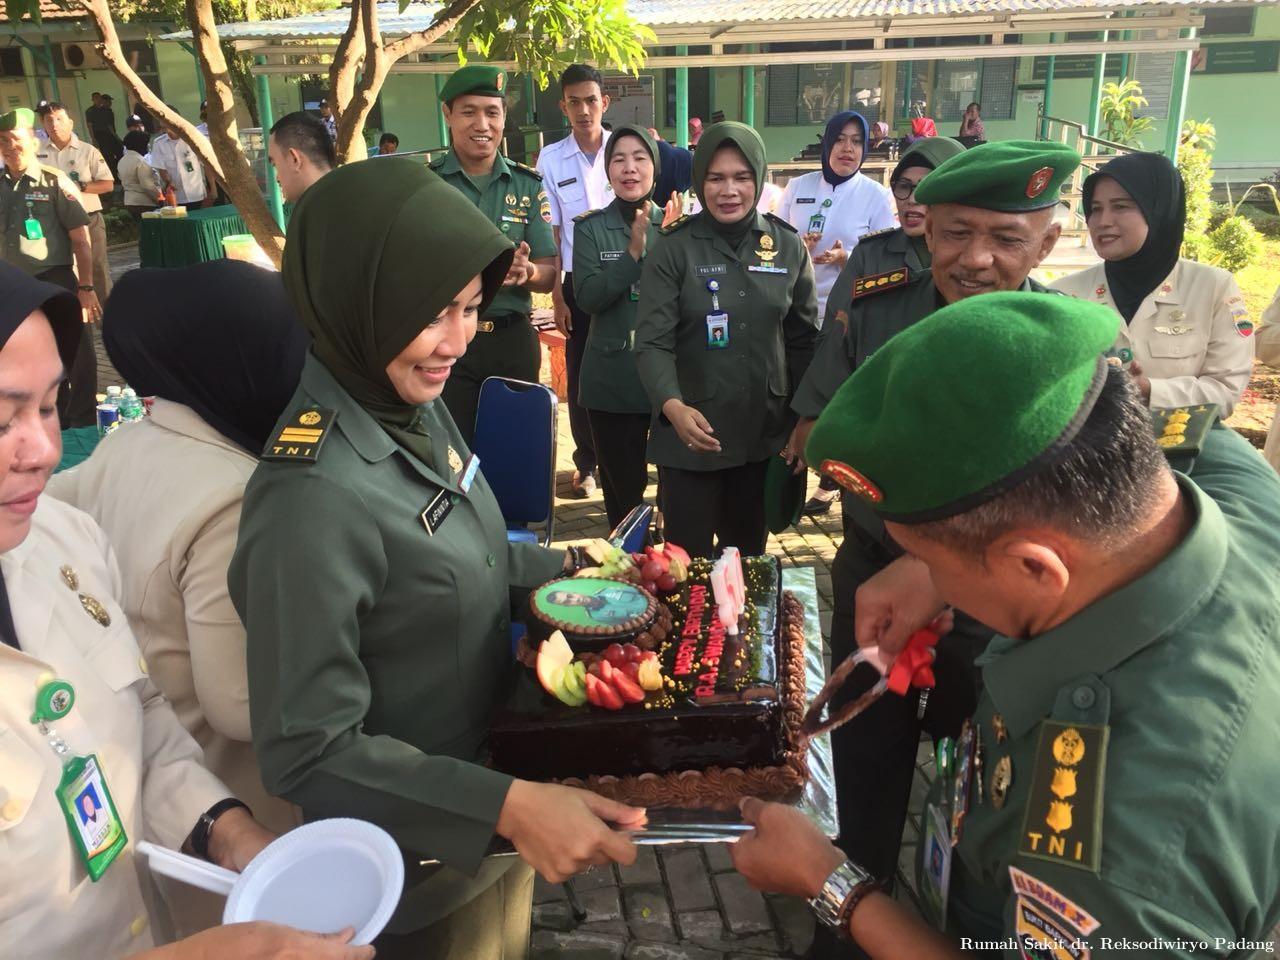 Perayaan Ulang Tahun Kepala Rumah Sakit dr. Reksodiwiryo Padang - (Ada 0 foto)